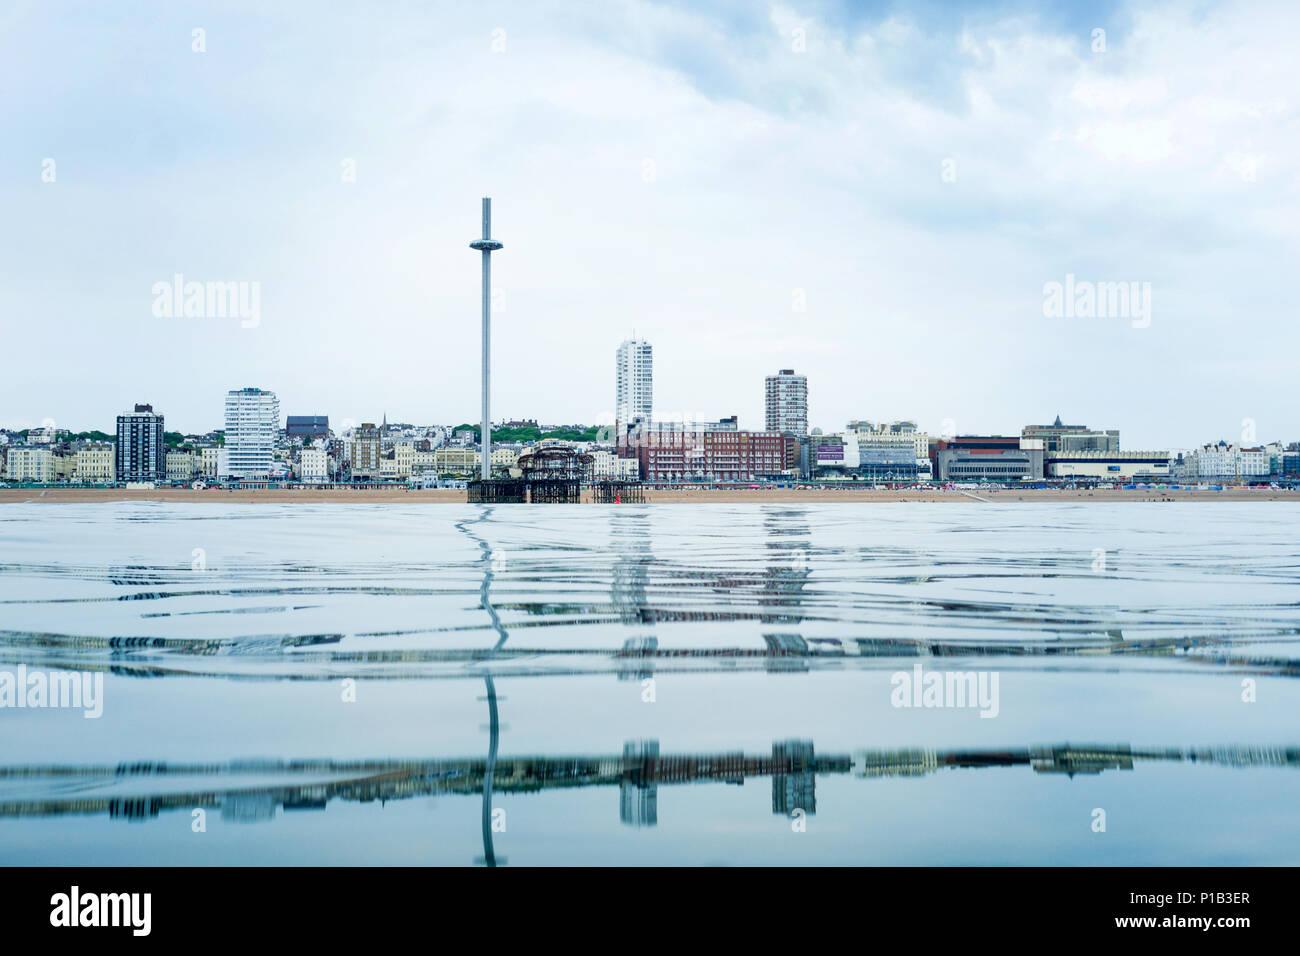 Brighton Seafront punto di vista dal mare, in fondo è una calma vetro come mare piatto di mezzo è lo skyline di Brighton, Regno Unito, con l'I360 vie Immagini Stock